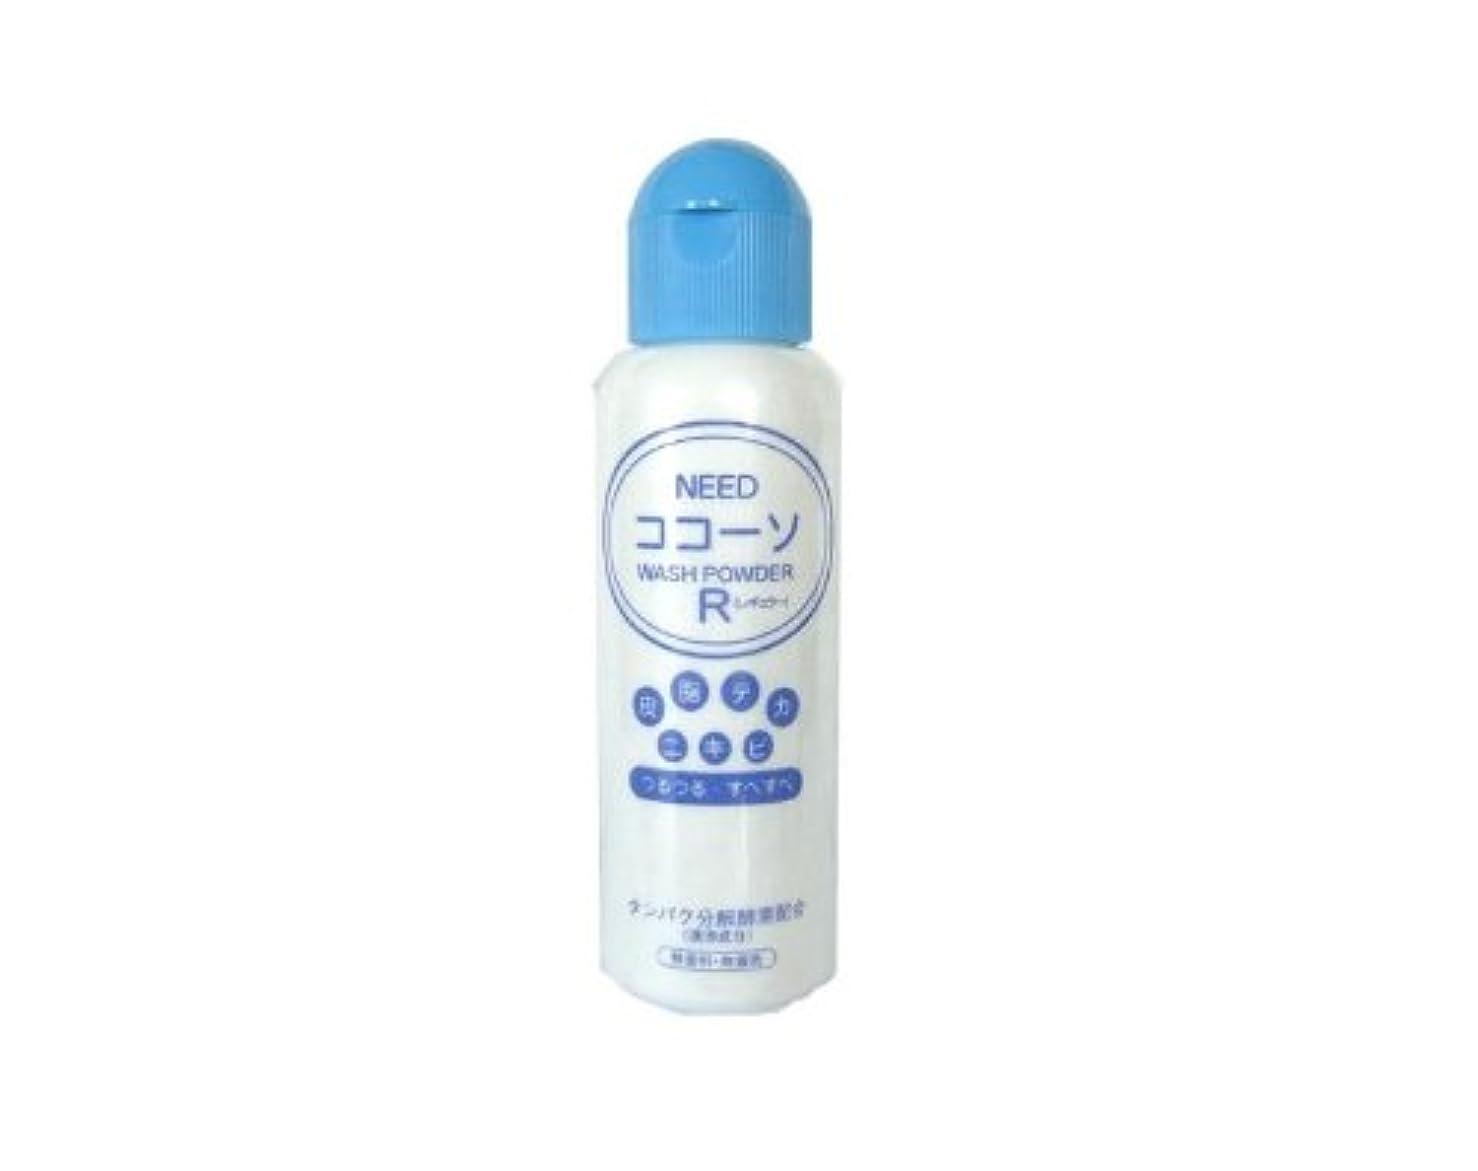 花に水をやる柔和モードニード ココーソ 洗顔パウダー R(レギュラー) 52g